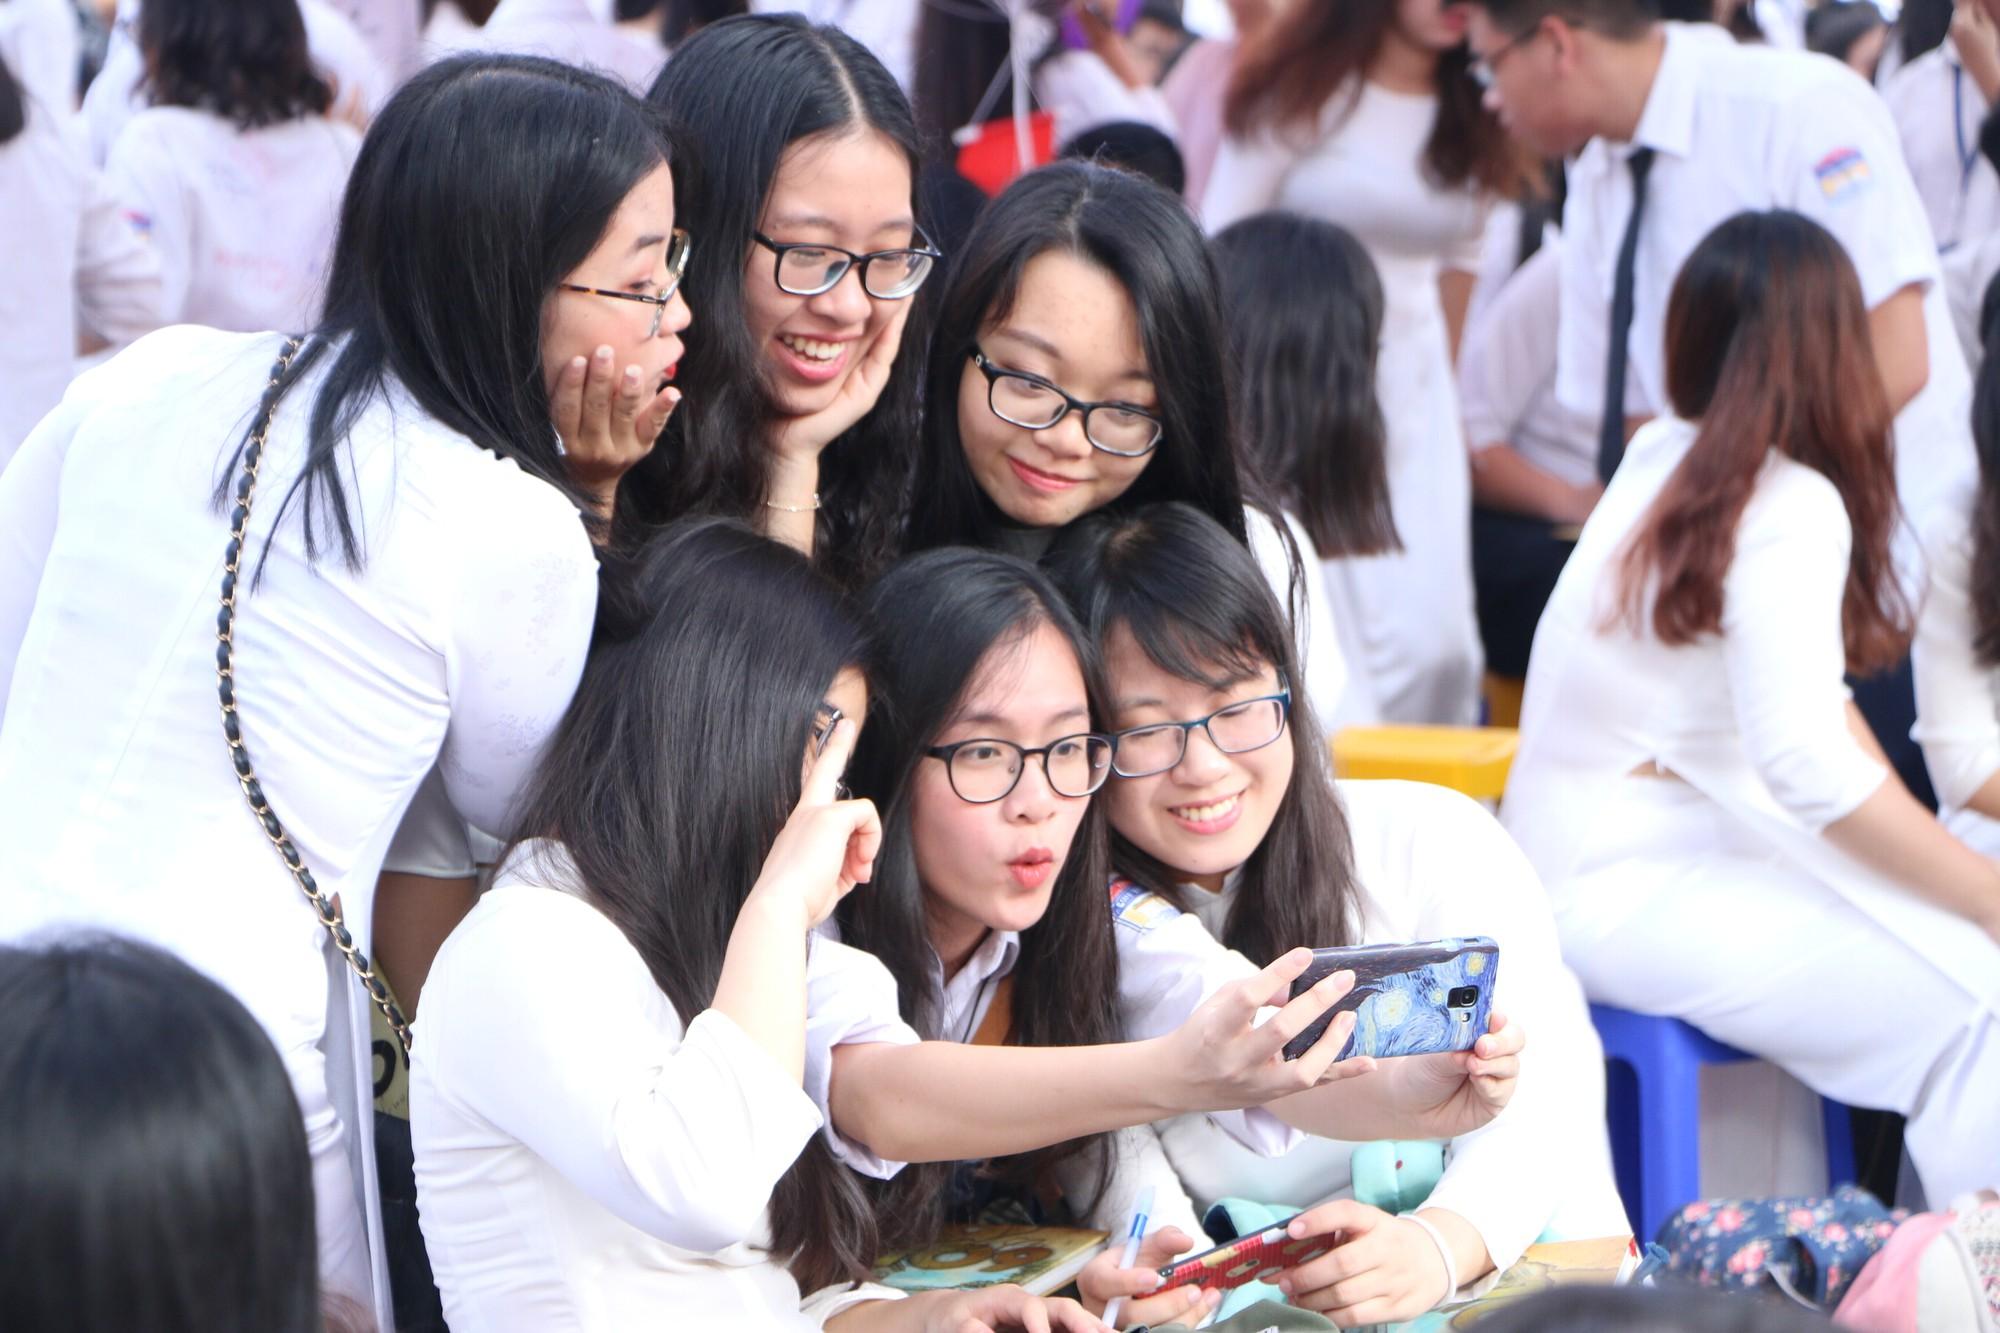 Ngắm nữ sinh Trường Chu Văn An duyên dáng, đẹp tinh khôi trong ngày bế giảng - Ảnh 4.